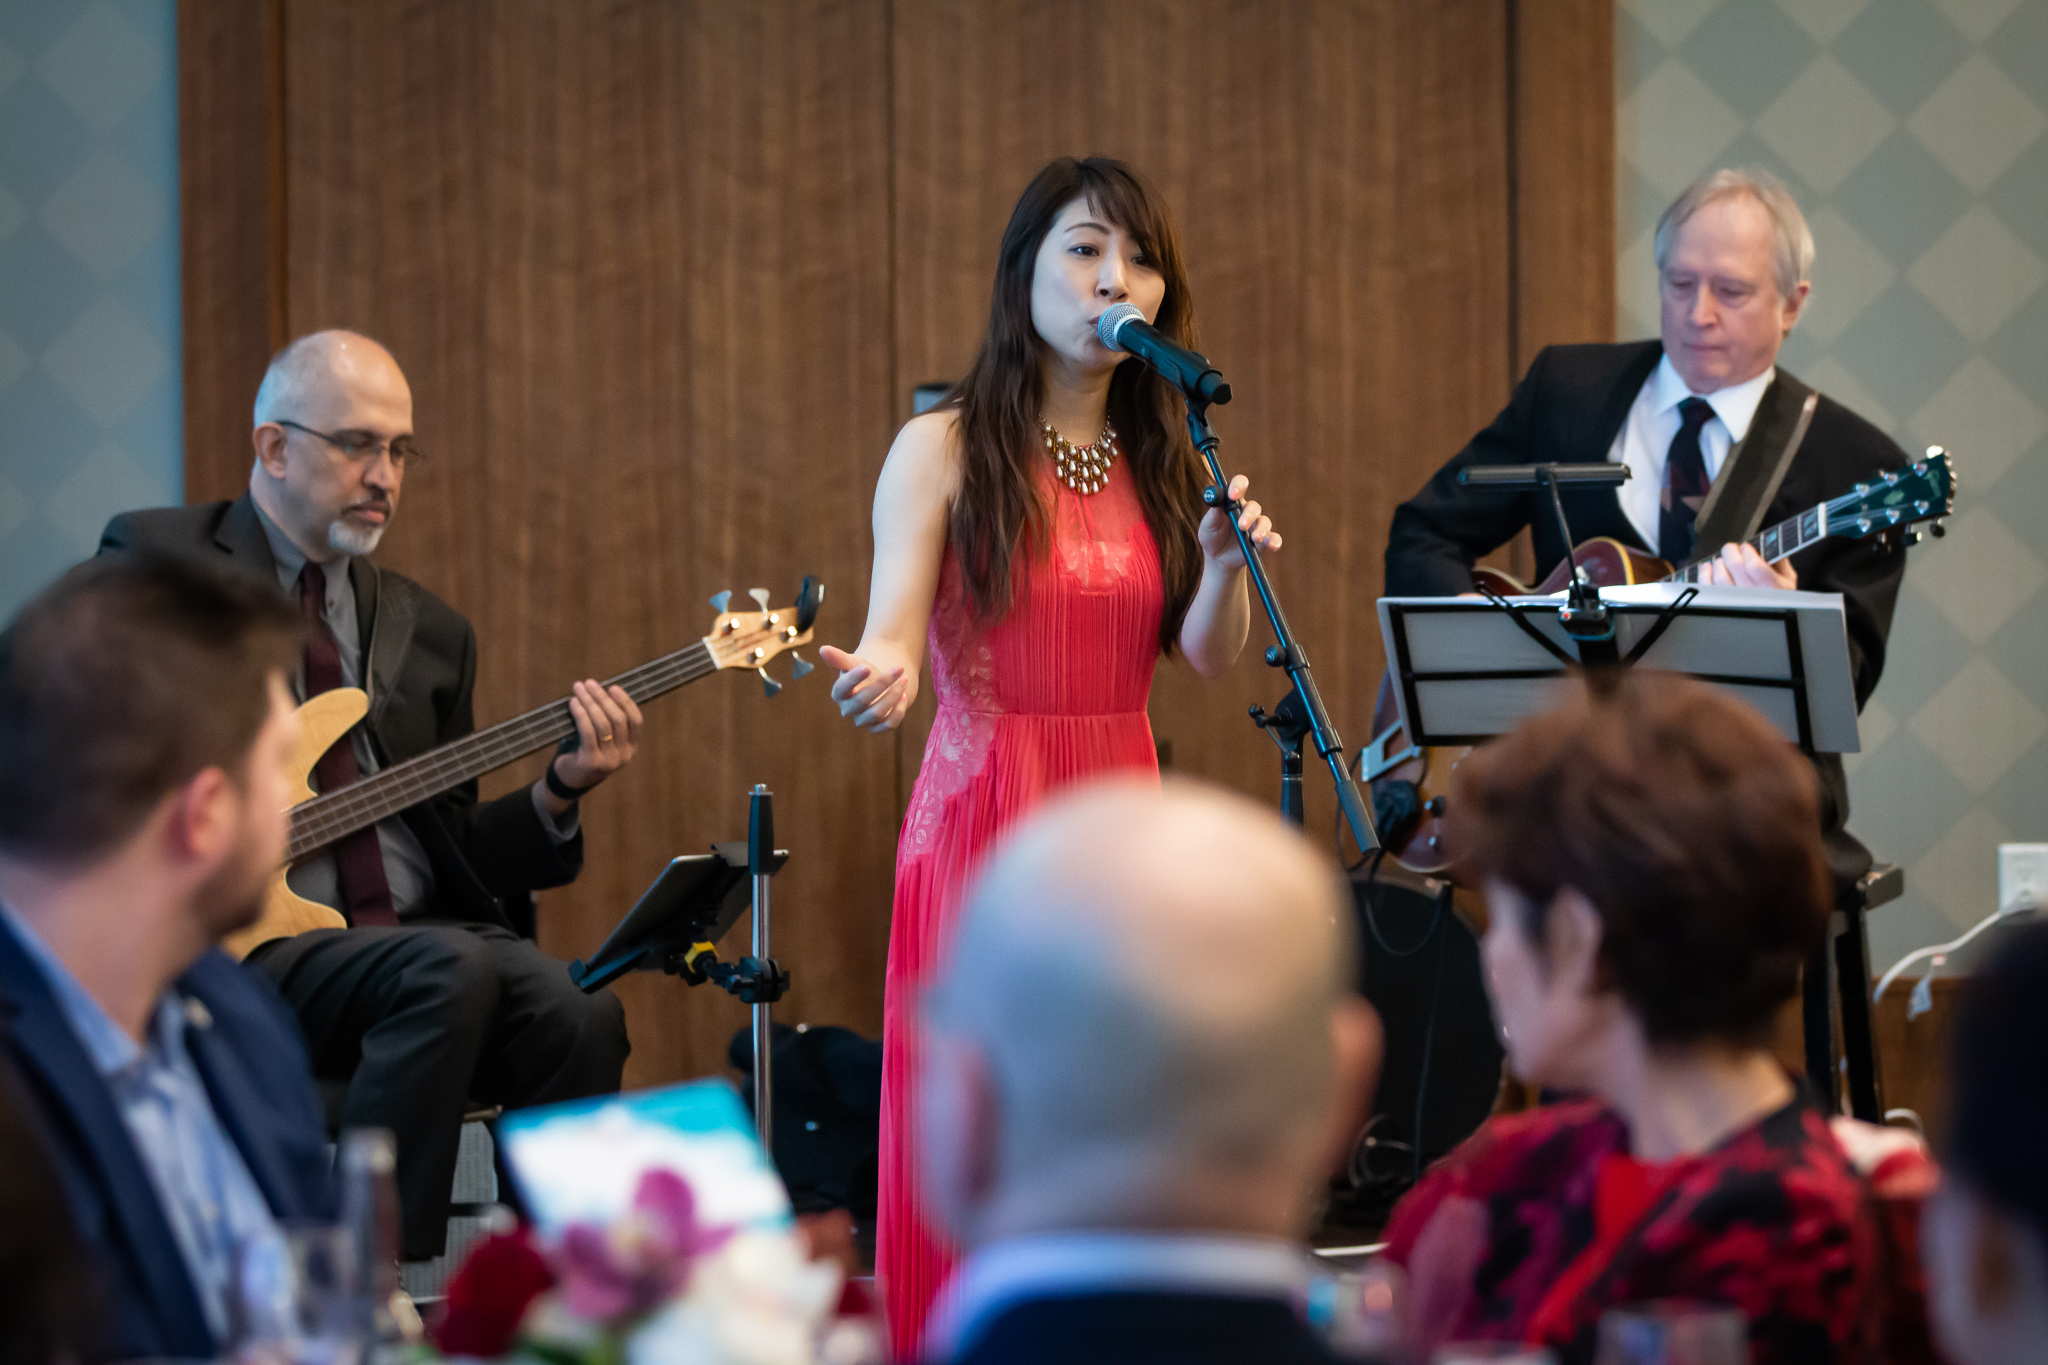 Japanese singer Chinami Kaminishi sings with Slinki